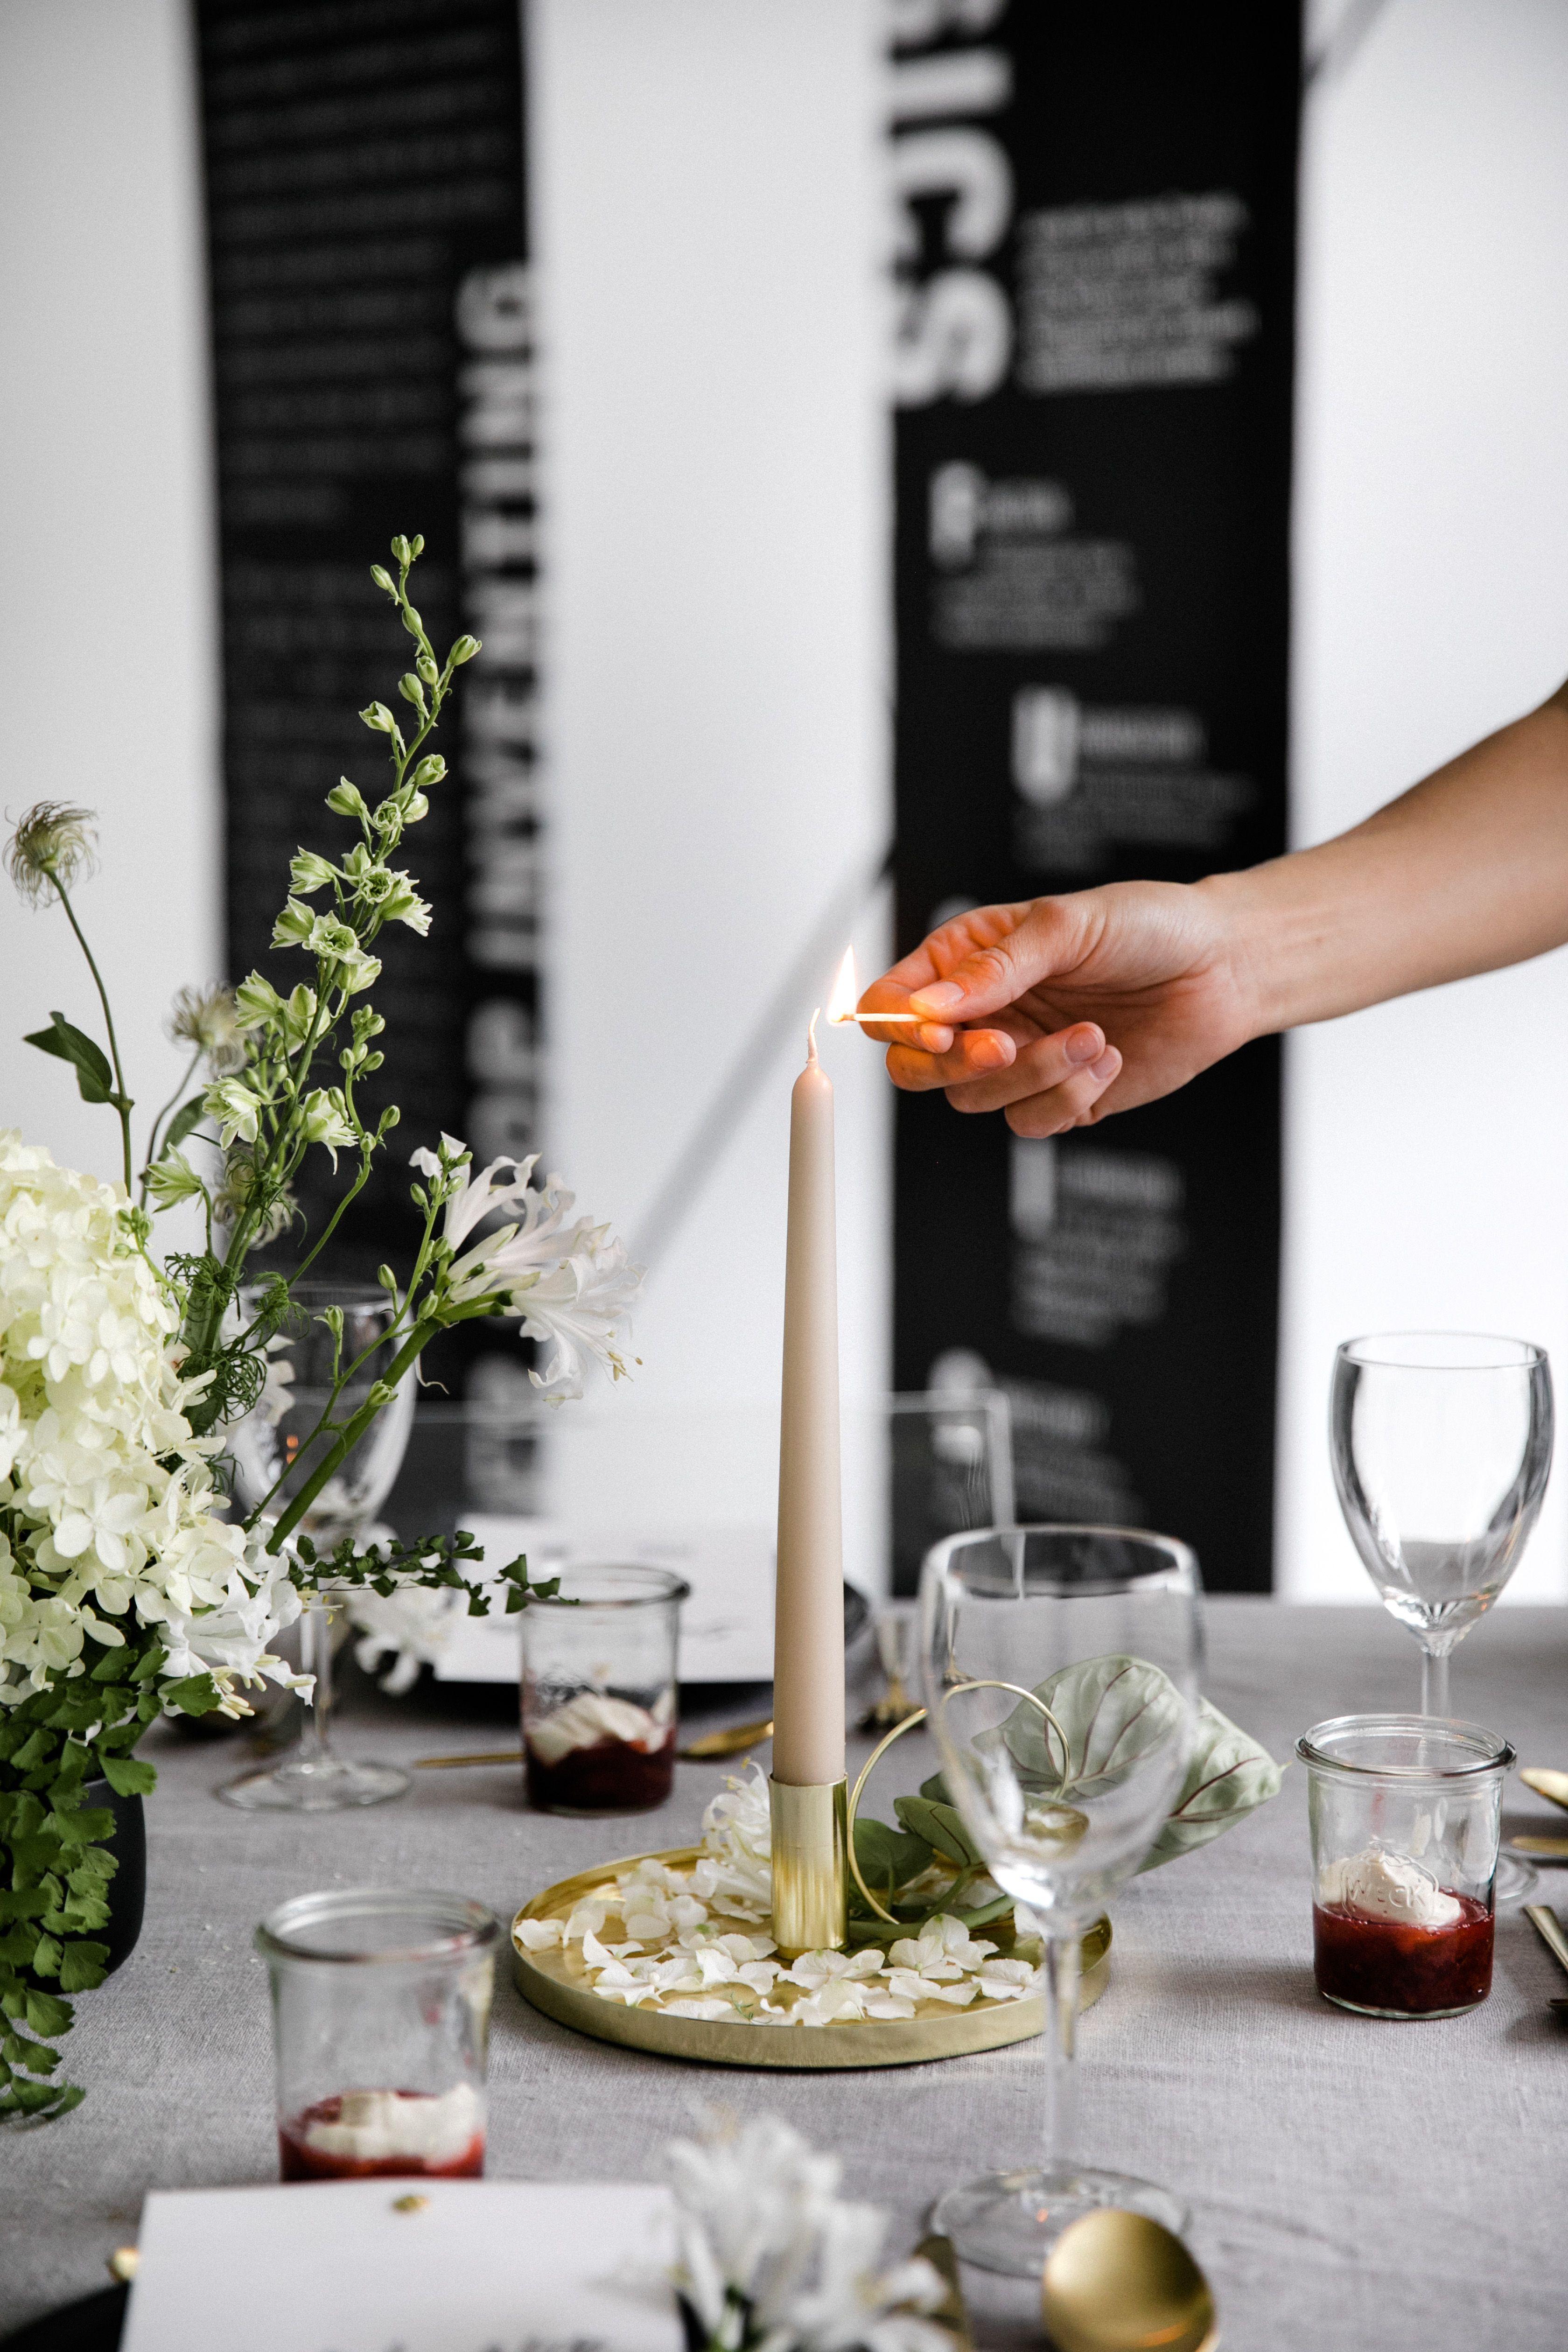 Schott Ceran Gestaltet Die Kuche Der Zukunft Tischdekoration